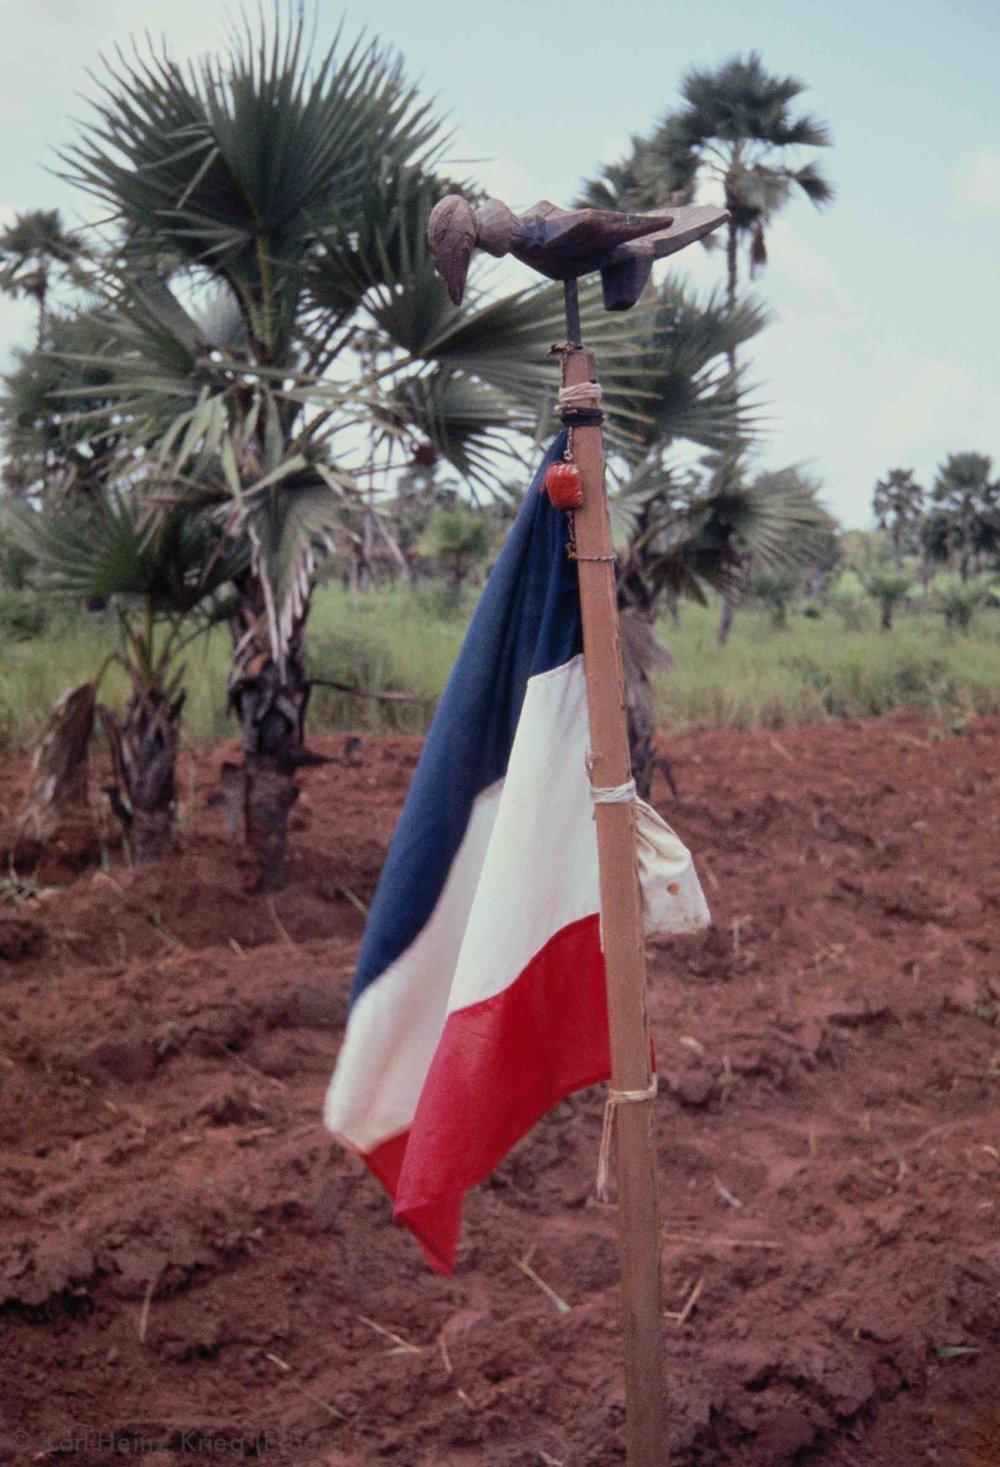 Trophäenstab (geschnitzt von Oueto Sourabie) bei den Turka-Bauern in Moussodougou. Foto: Karl-Heinz Krieg, Moussodougou (Region von Banfora, Burkina Faso), 1982